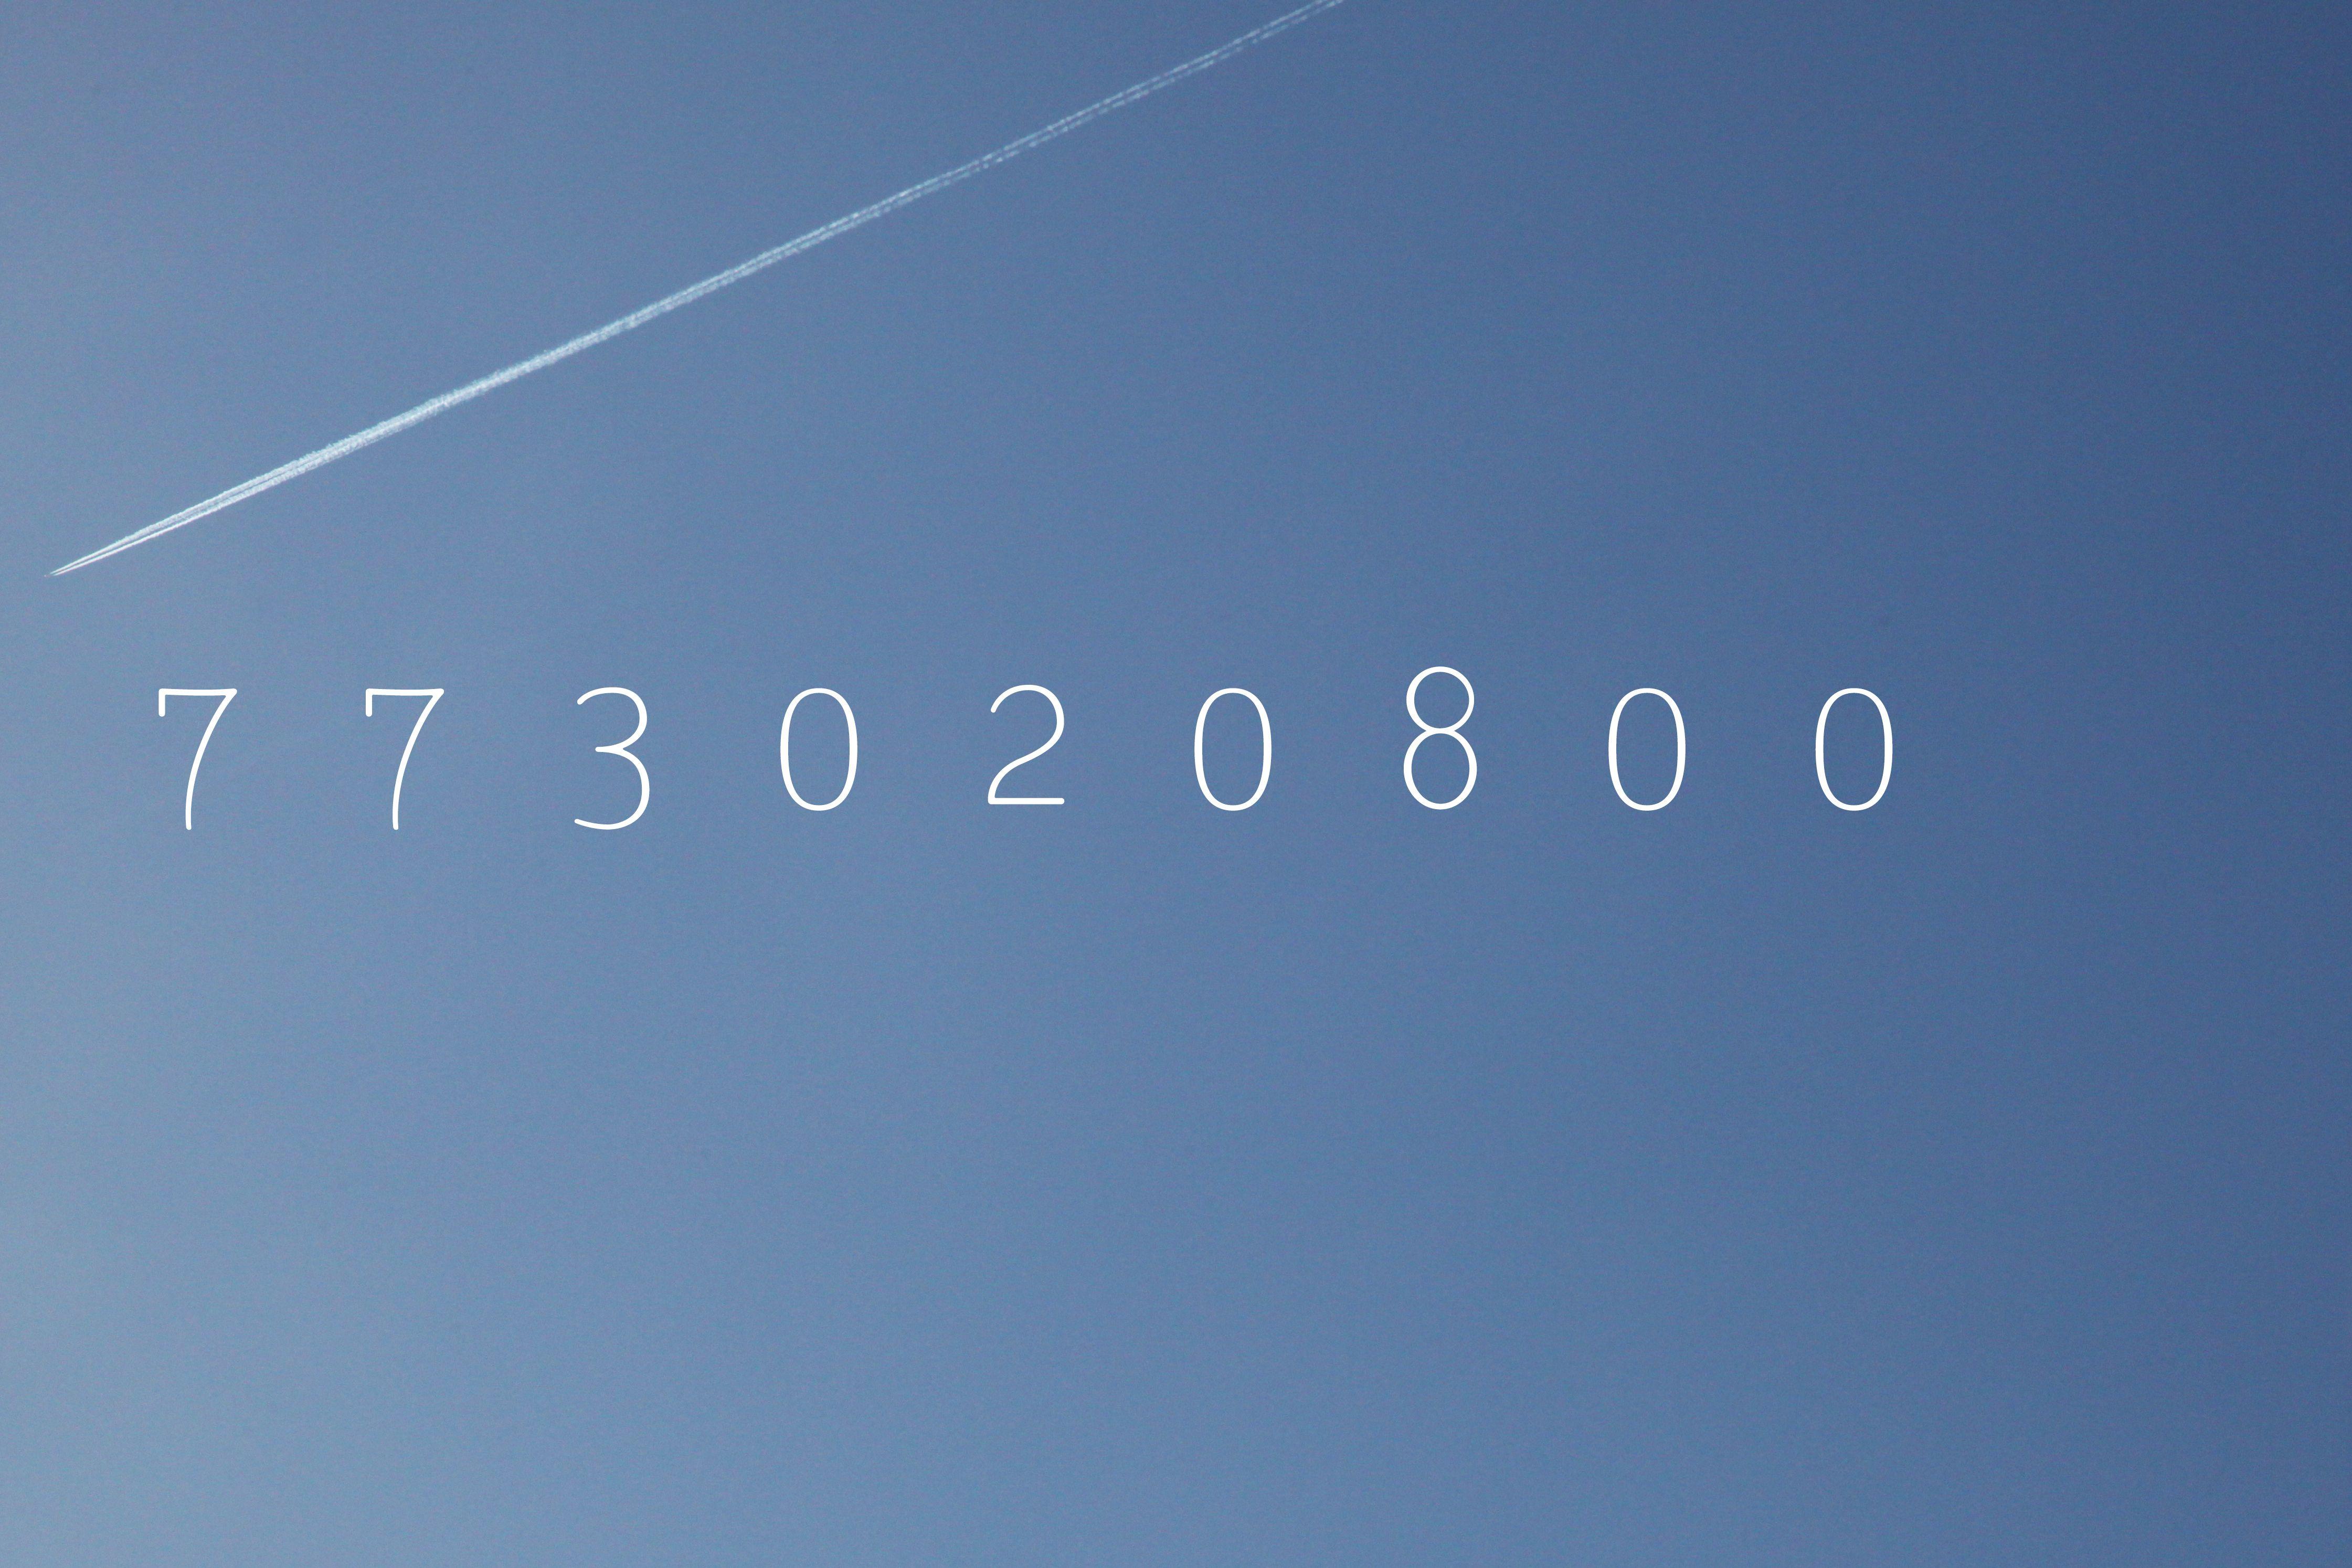 Leap Second, 30 June 1994 - 23:59:60